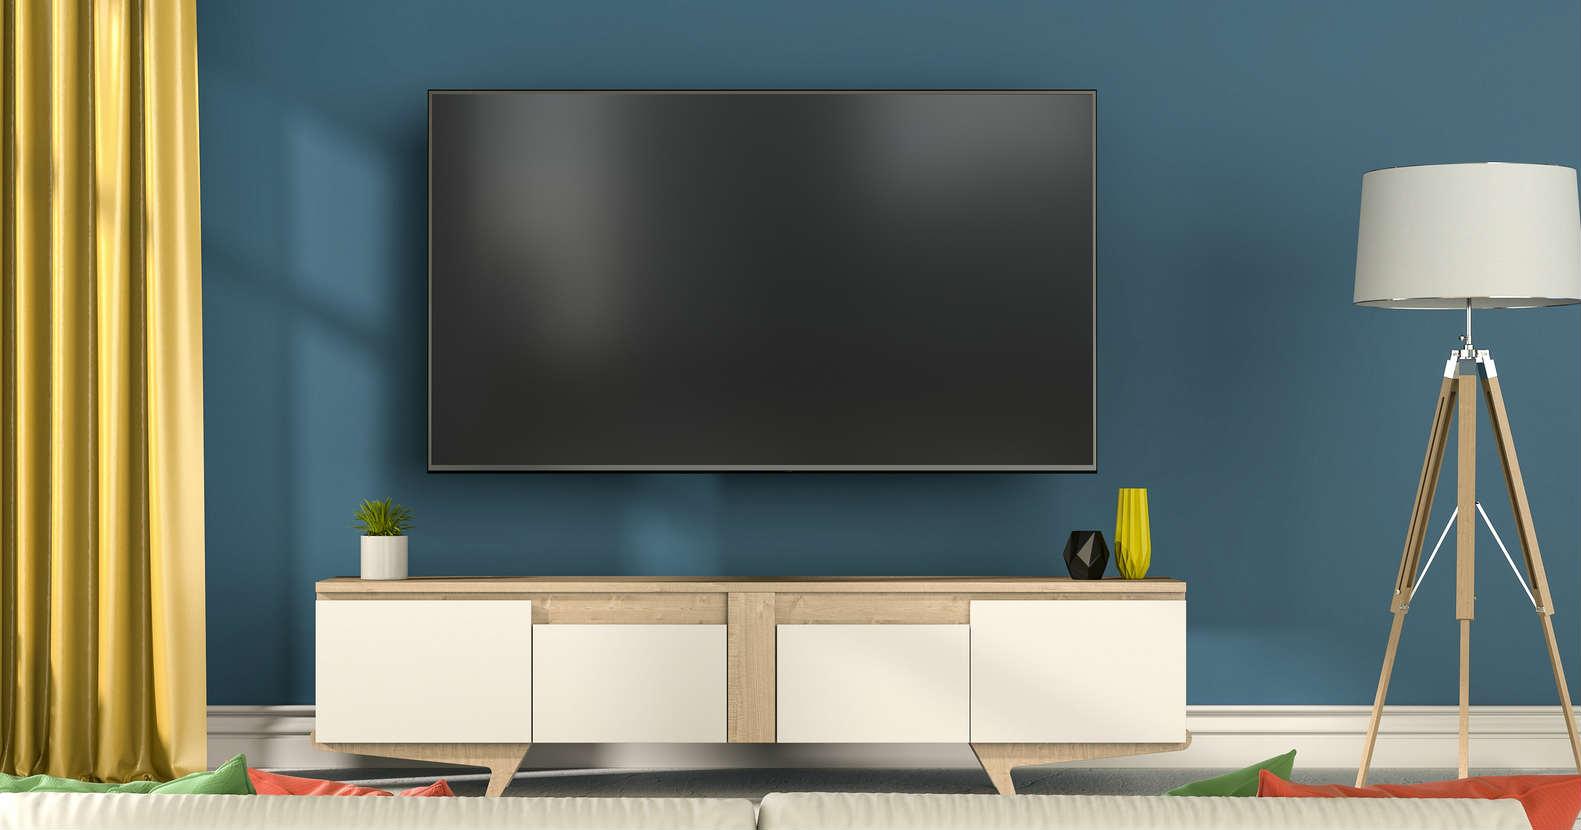 ケーブルテレビ(CATV)の利点と インターネット接続の欠点